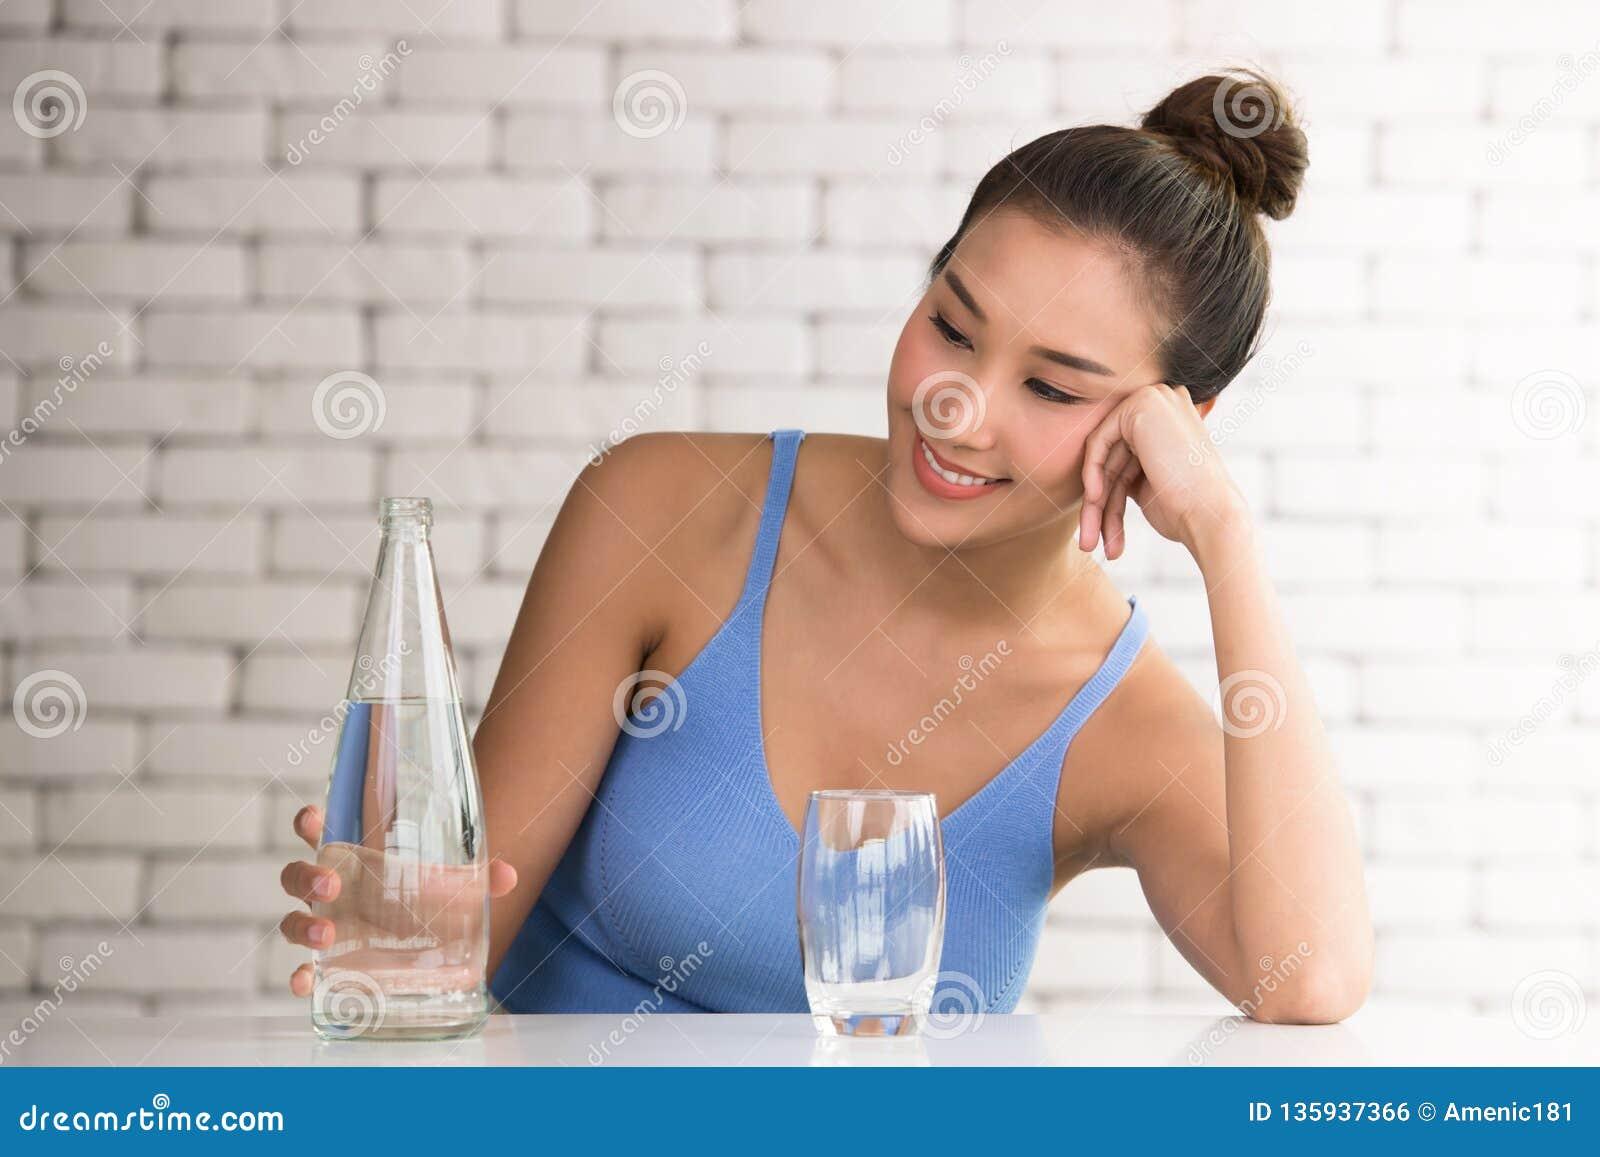 Aziatische vrouw in blije houdingen met fles en glas drinkwater aan de kant